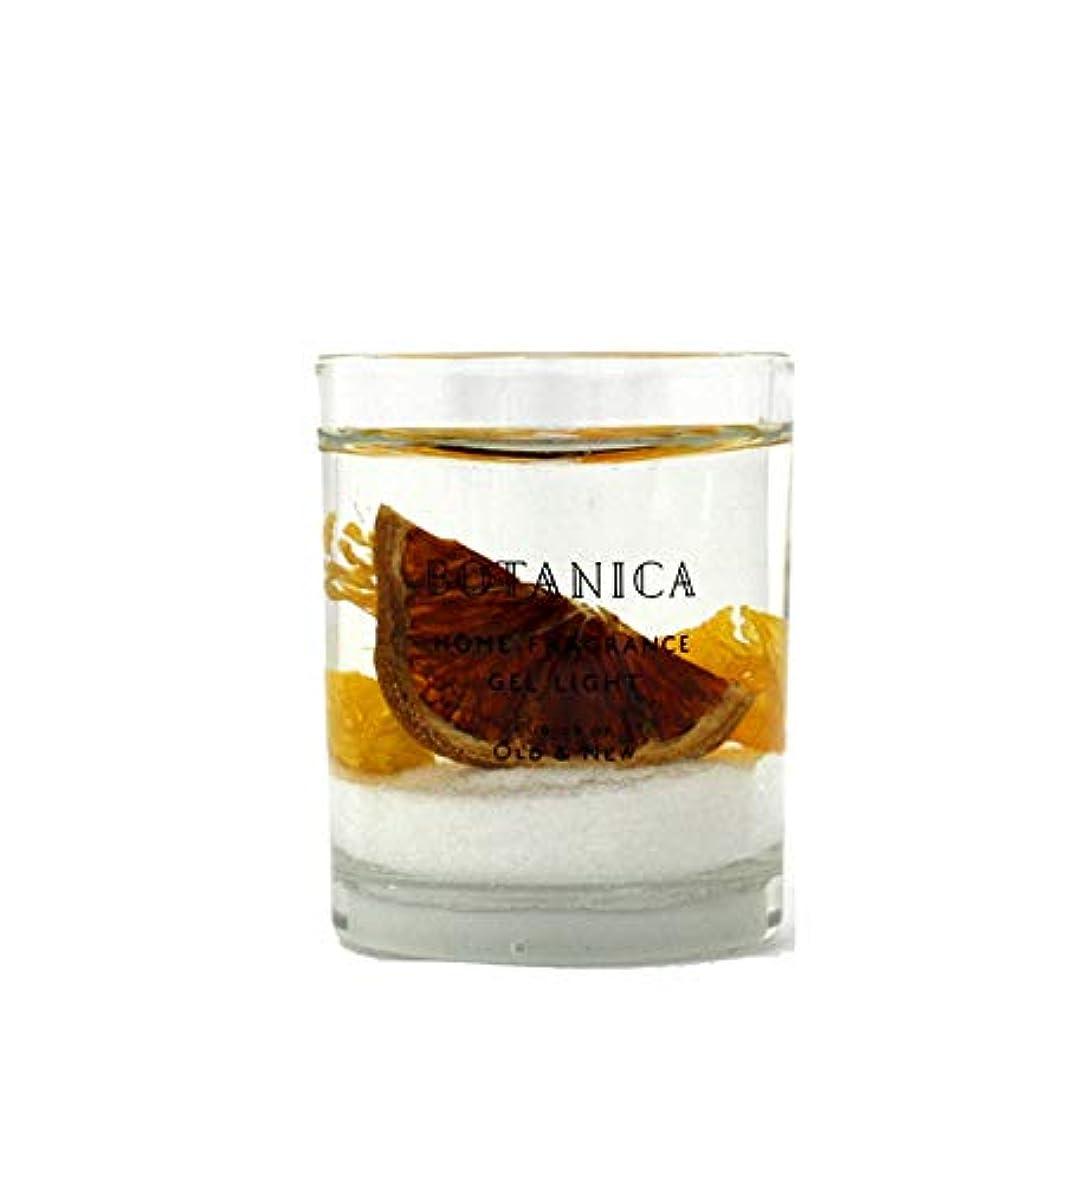 トピック有効衣装BOTANICA(ボタニカ) BOTANICA ハーバリウムジェルライト ブライトオレンジ Herbarium Gel Light Bright Orange ボタニカ H75×Φ60mm/90g